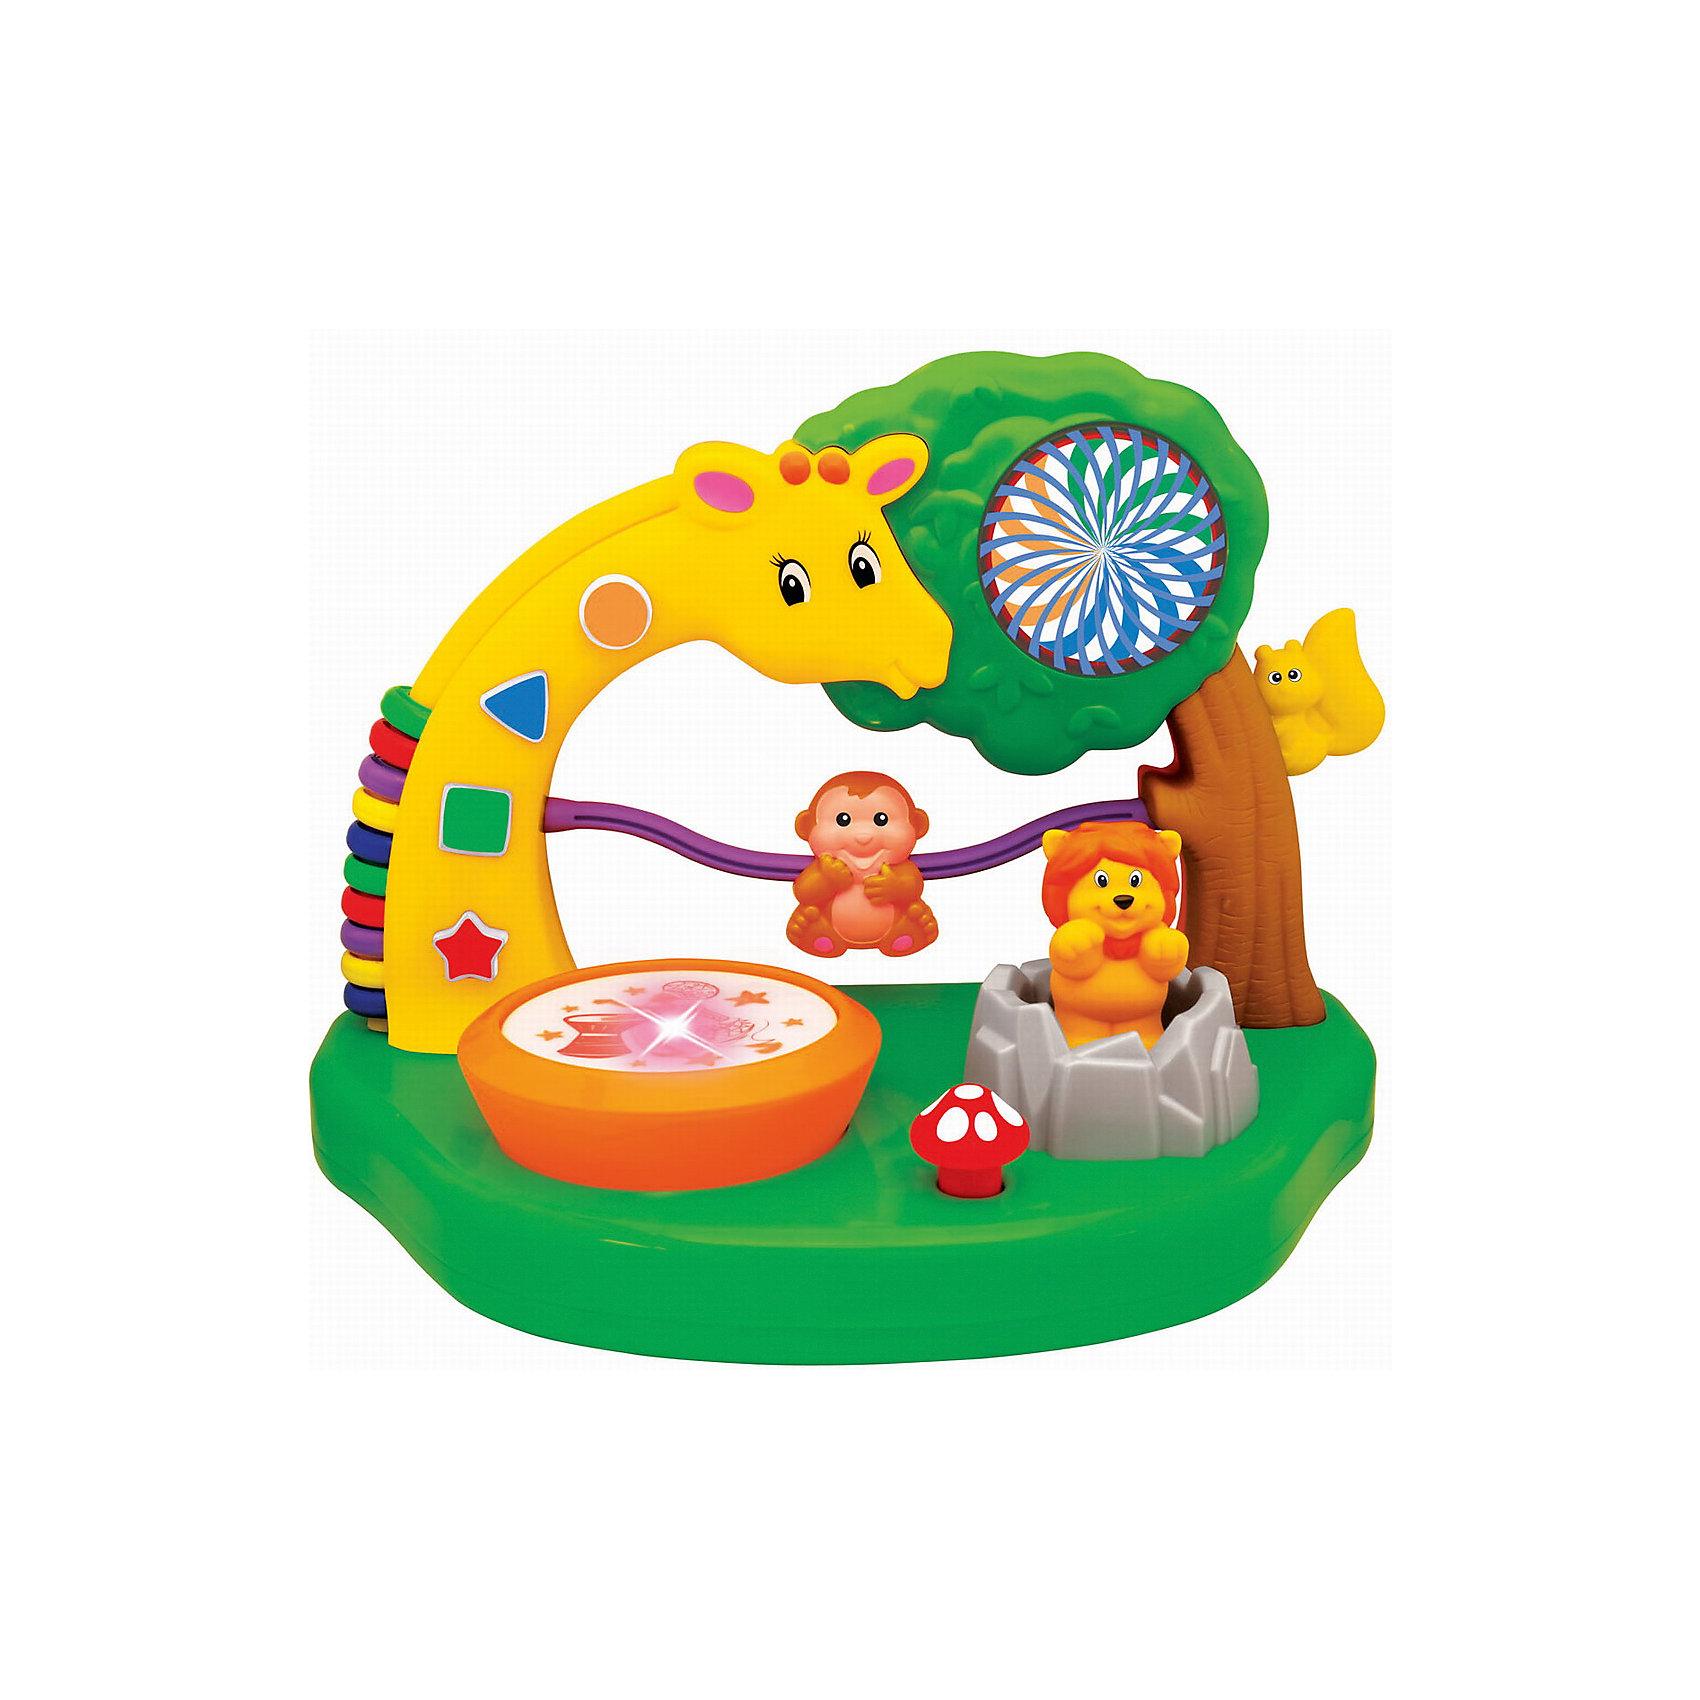 Развивающая игрушка Сафари парк, KiddielandРазвивающие игрушки<br>Развивающая игрушка Сафари парк, Kiddieland<br><br>Характеристики:<br>- В набор входит: игрушка, элементы питания<br>- Материал: пластик<br>- Элементы питания: батарейки АА, 2 шт.<br>- Размер упаковки: 33 * 19 * 23 см.<br>Развивающая игрушка Сафари парк от известного китайского бренда игрушек для детей Kiddieland (Киддилэнд) будет прекрасным подарком для ребенка. Целый парк для развития и веселья! Разнообразные функции и отличные мелодии не оставят равнодушными к игрушке. Веселый жираф научит считать, благодаря своим цветным колечкам на спинке, озорная обезьянка просто обожает лазить по своей лиане, а шустрая белочка проводит свое время на дереве. Львенок выпрыгивает из своей пещеры. Изготовленная из пластика высокого качества, разноцветная игрушка способствует развитию памяти, воображения, восприятия цвета и звука, социальных навыков, моторики рук.<br>Развивающая игрушка Сафари парк, Kiddieland (Киддилэнд) можно купить в нашем интернет-магазине.<br>Подробнее:<br>• Для детей в возрасте: от 1 до 3 лет<br>• Номер товара: 5054092<br>Страна производитель: Китай<br><br>Ширина мм: 330<br>Глубина мм: 200<br>Высота мм: 230<br>Вес г: 1100<br>Возраст от месяцев: 12<br>Возраст до месяцев: 36<br>Пол: Унисекс<br>Возраст: Детский<br>SKU: 5054092